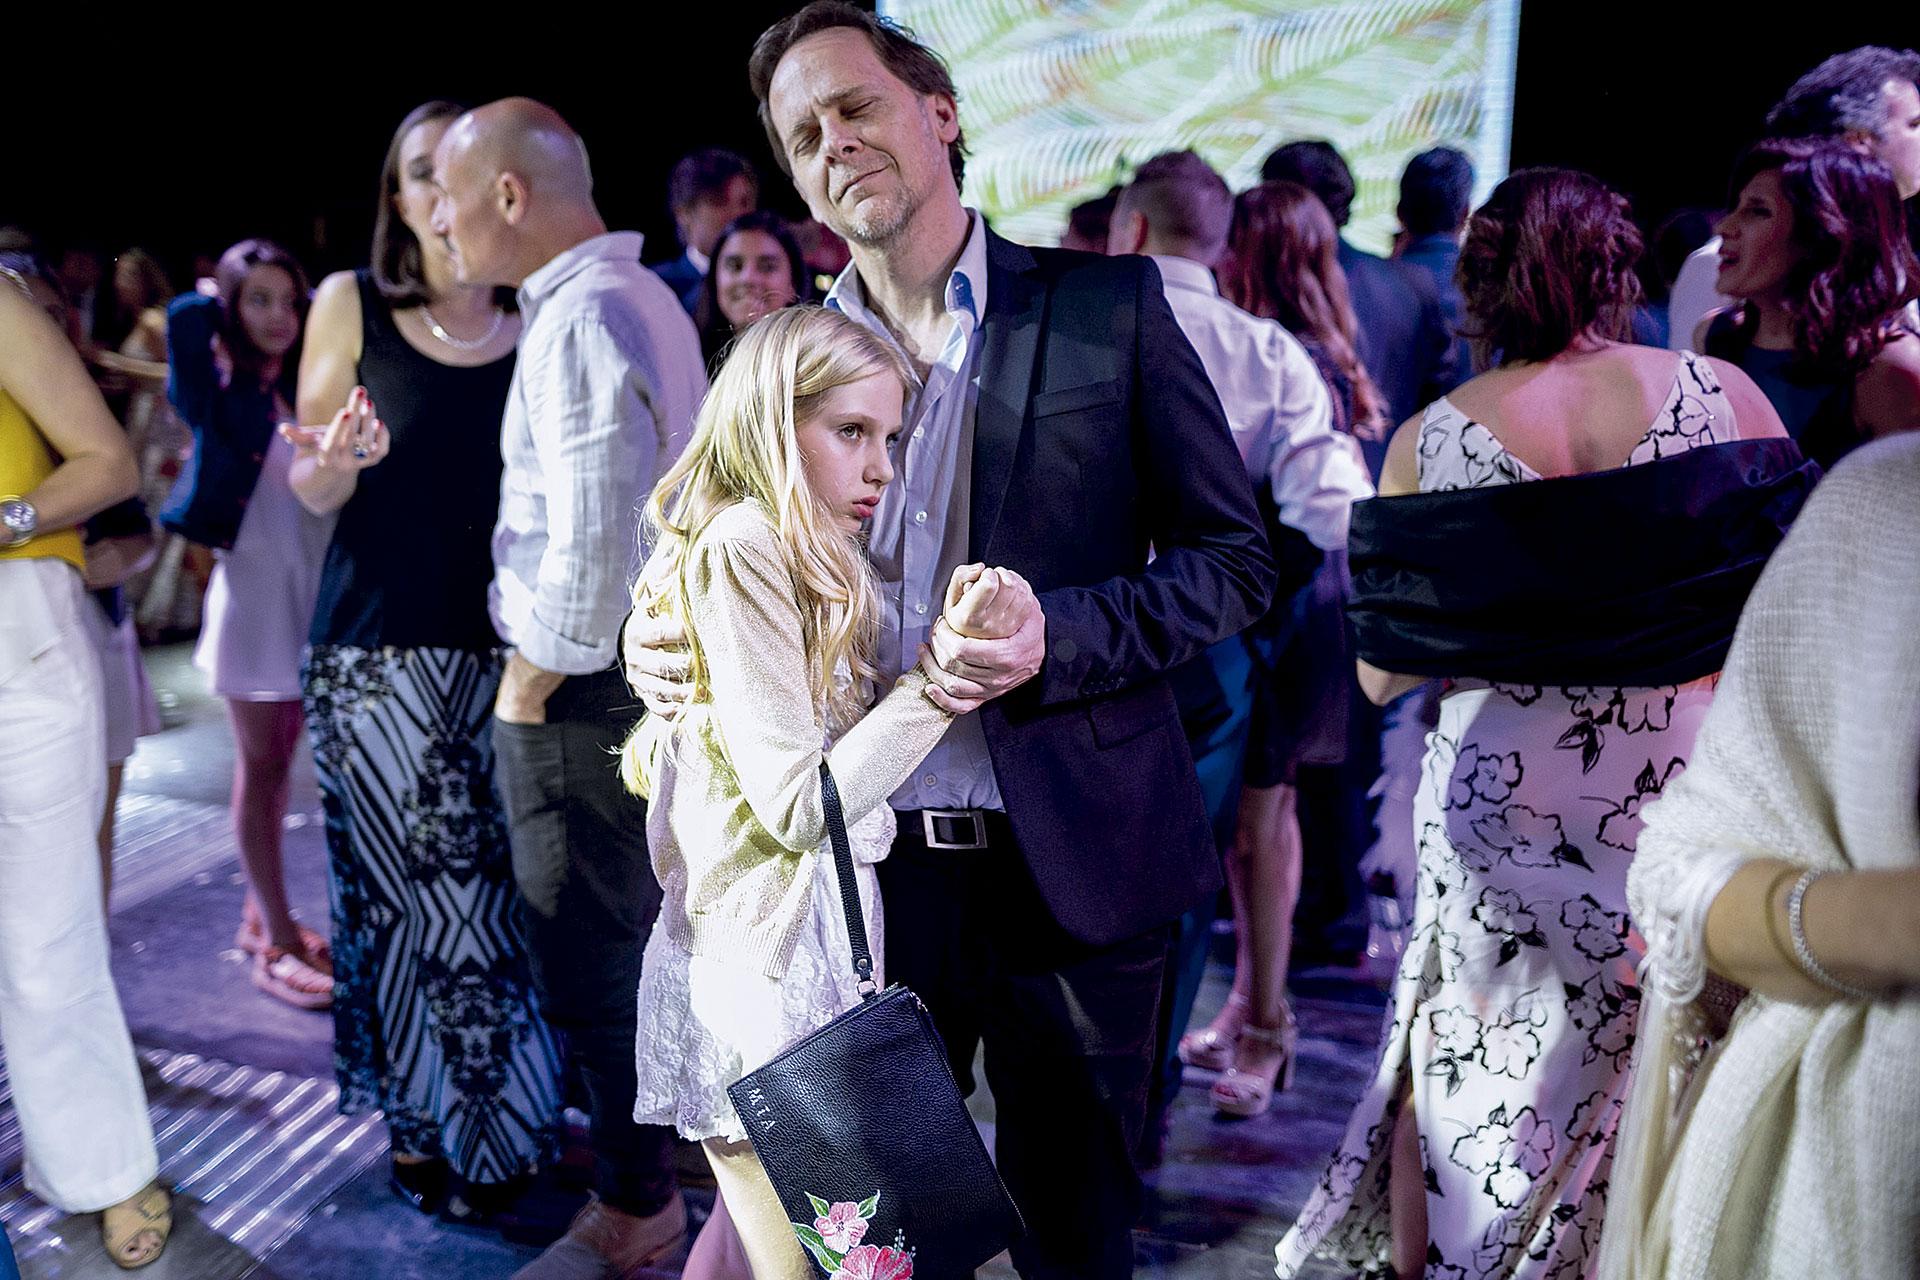 Papá baila un lento con su hija en el casamiento de su amigo. El detalle de la cartera de Mía customizada con su nombre.